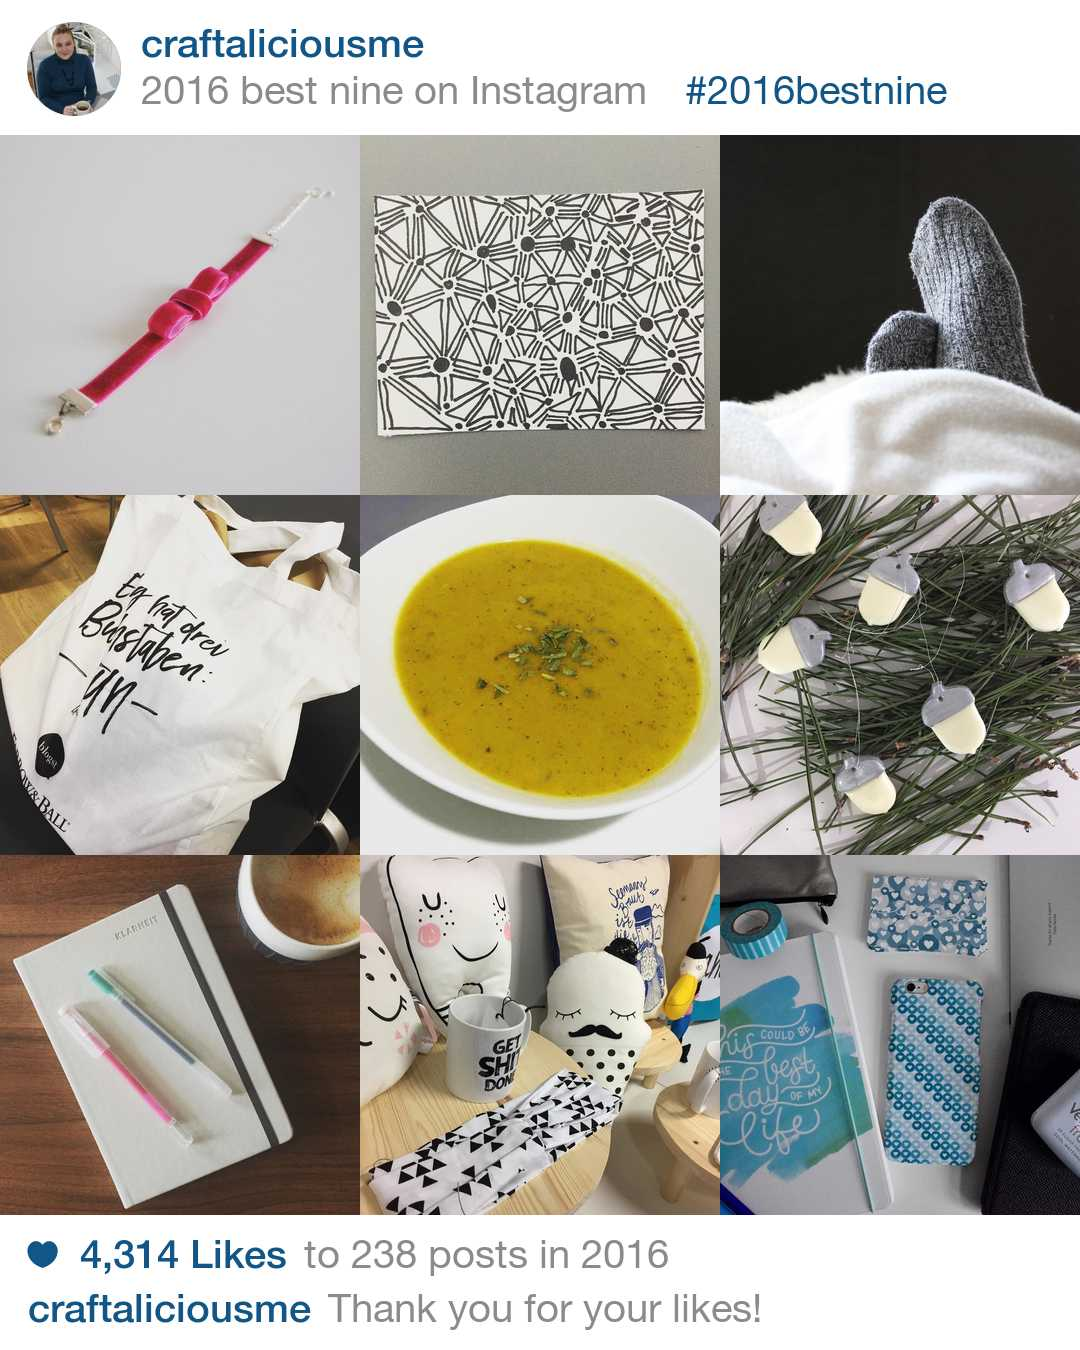 craftaliciousme bestnine2016